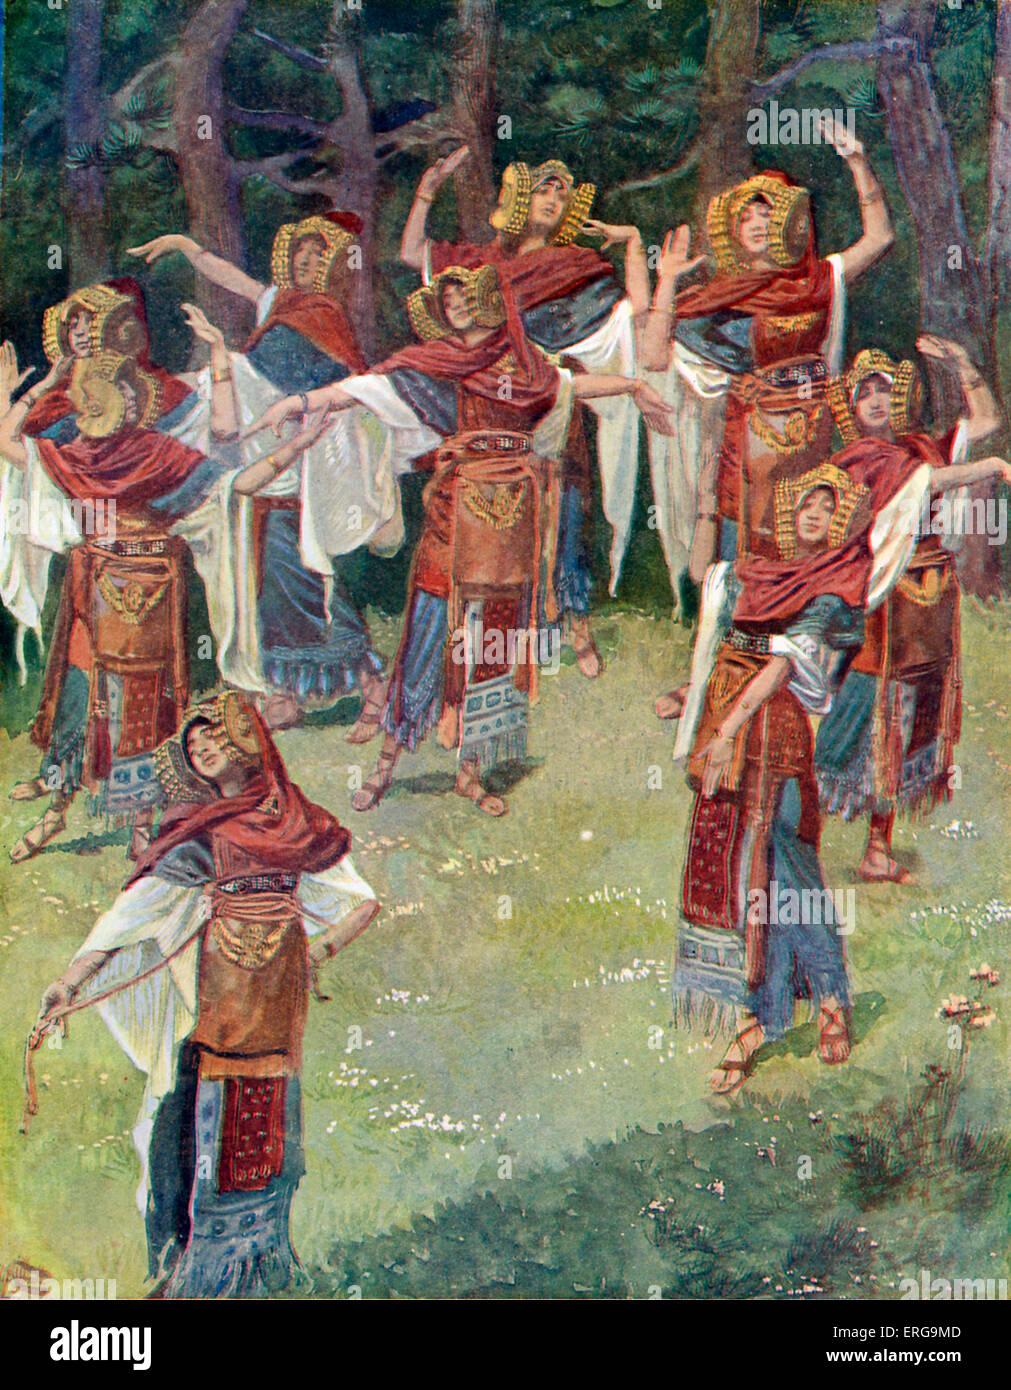 """La hija de Jefté y sus compañeros por J James Tissot. Ilustración para libro de Jueces, 11.37: """"Y Imagen De Stock"""